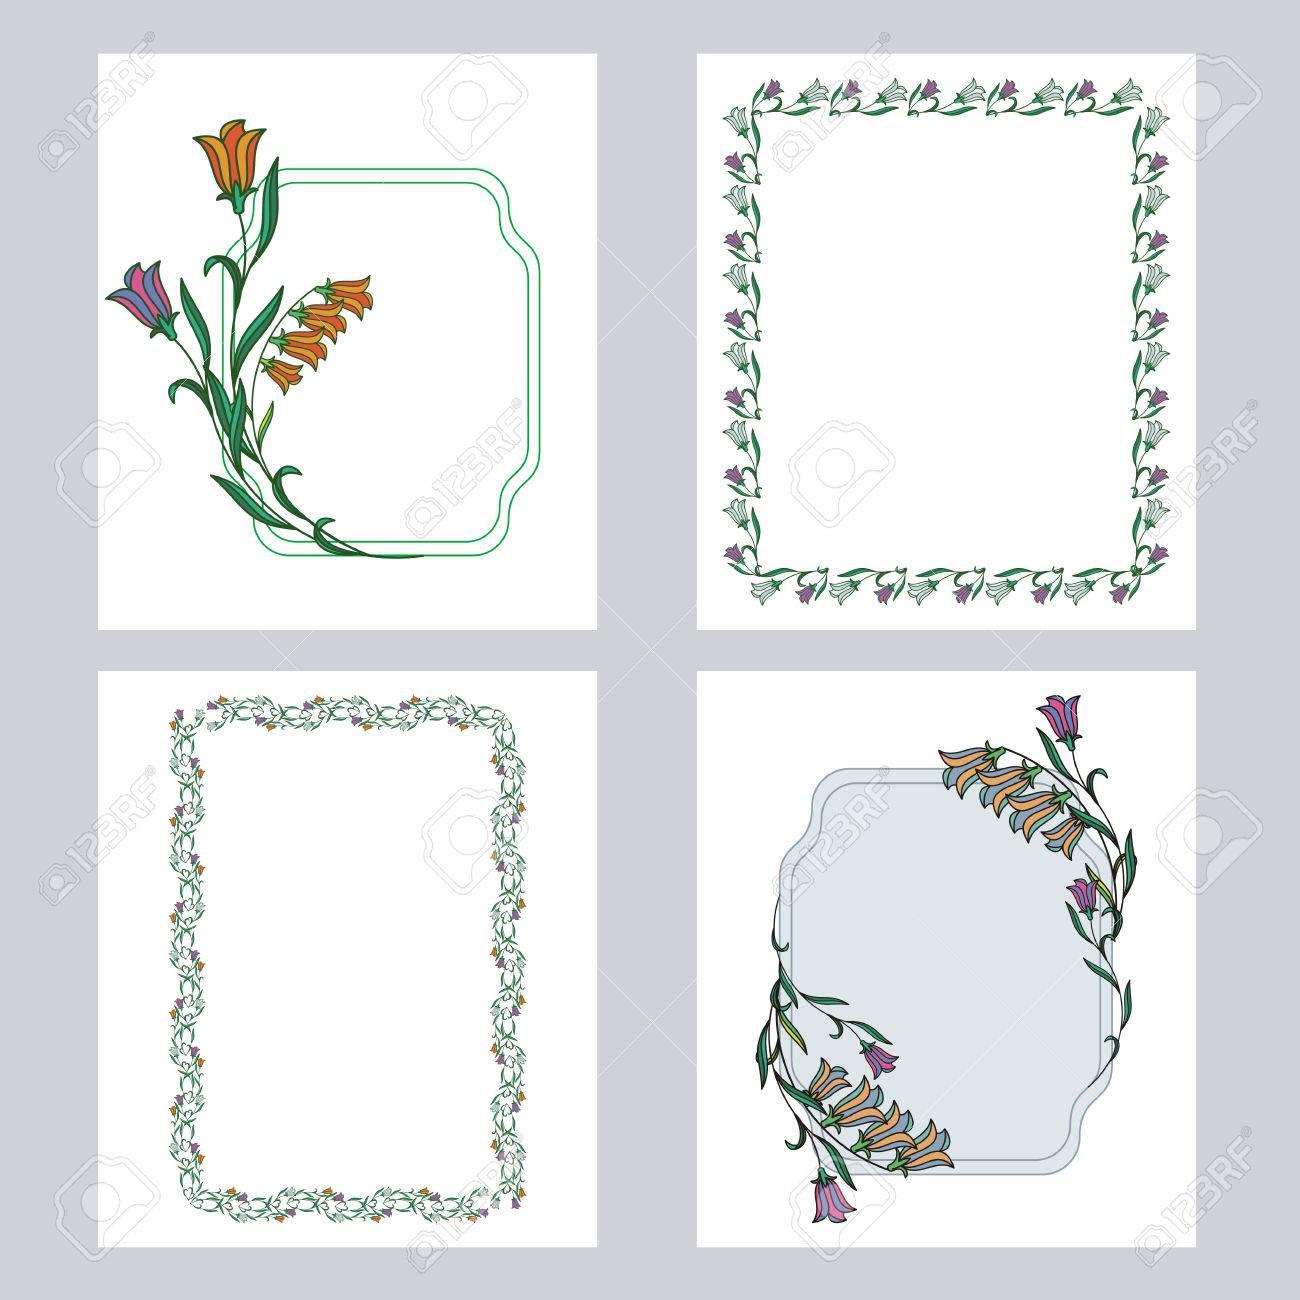 色花の縦フレームのセットですバナーラベル印刷ポスターweb